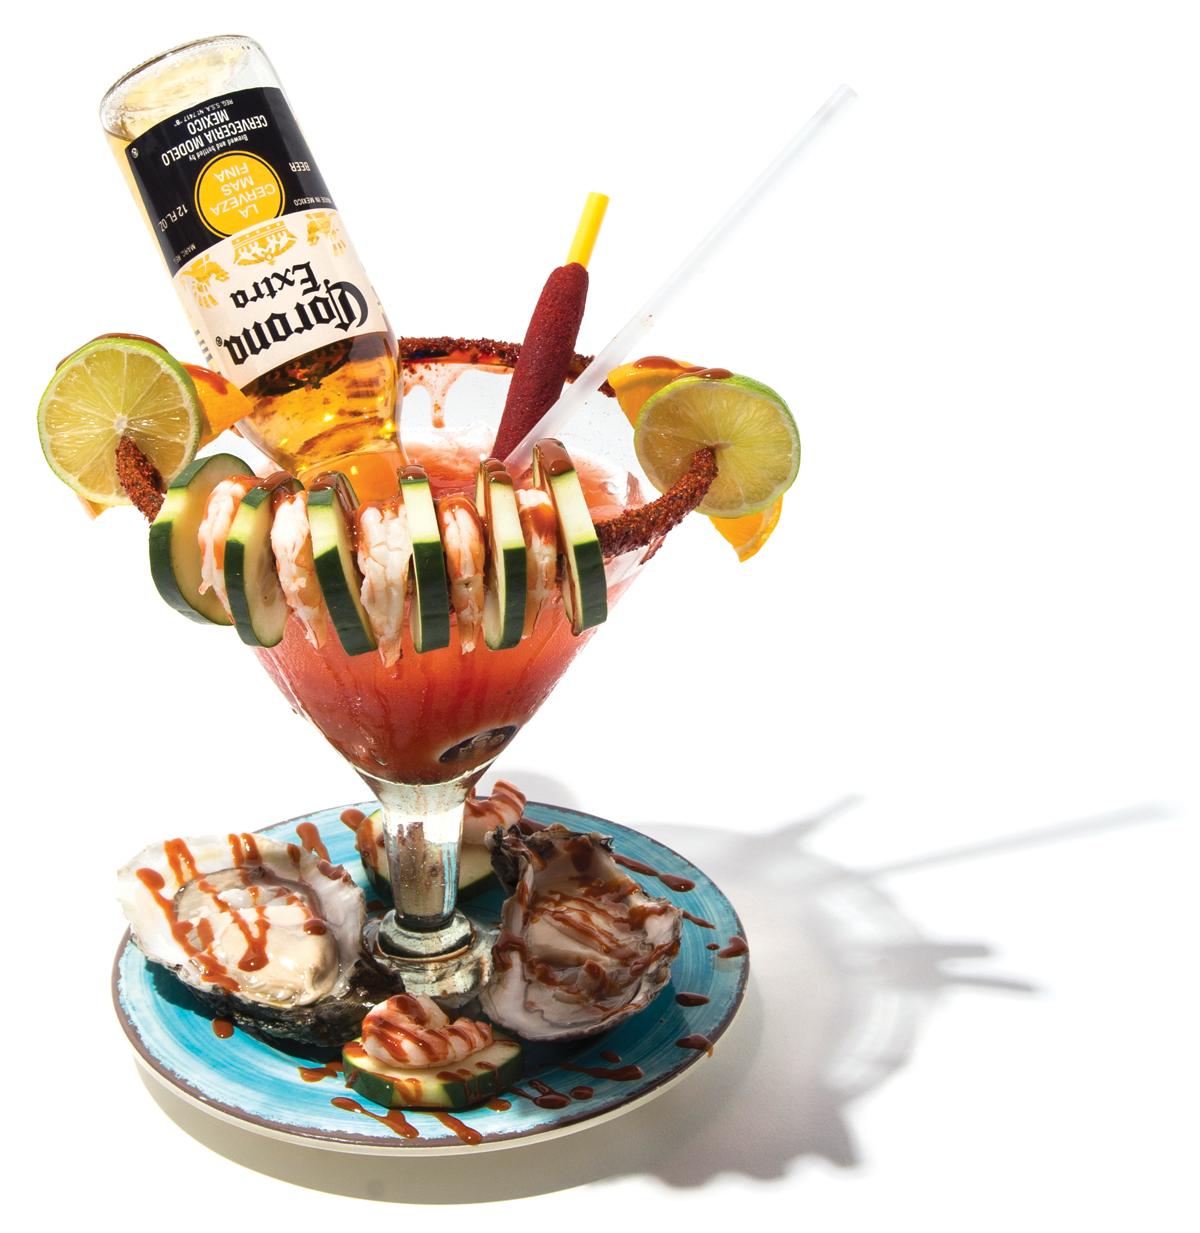 Mariscos El Malecon's seafood cocktail